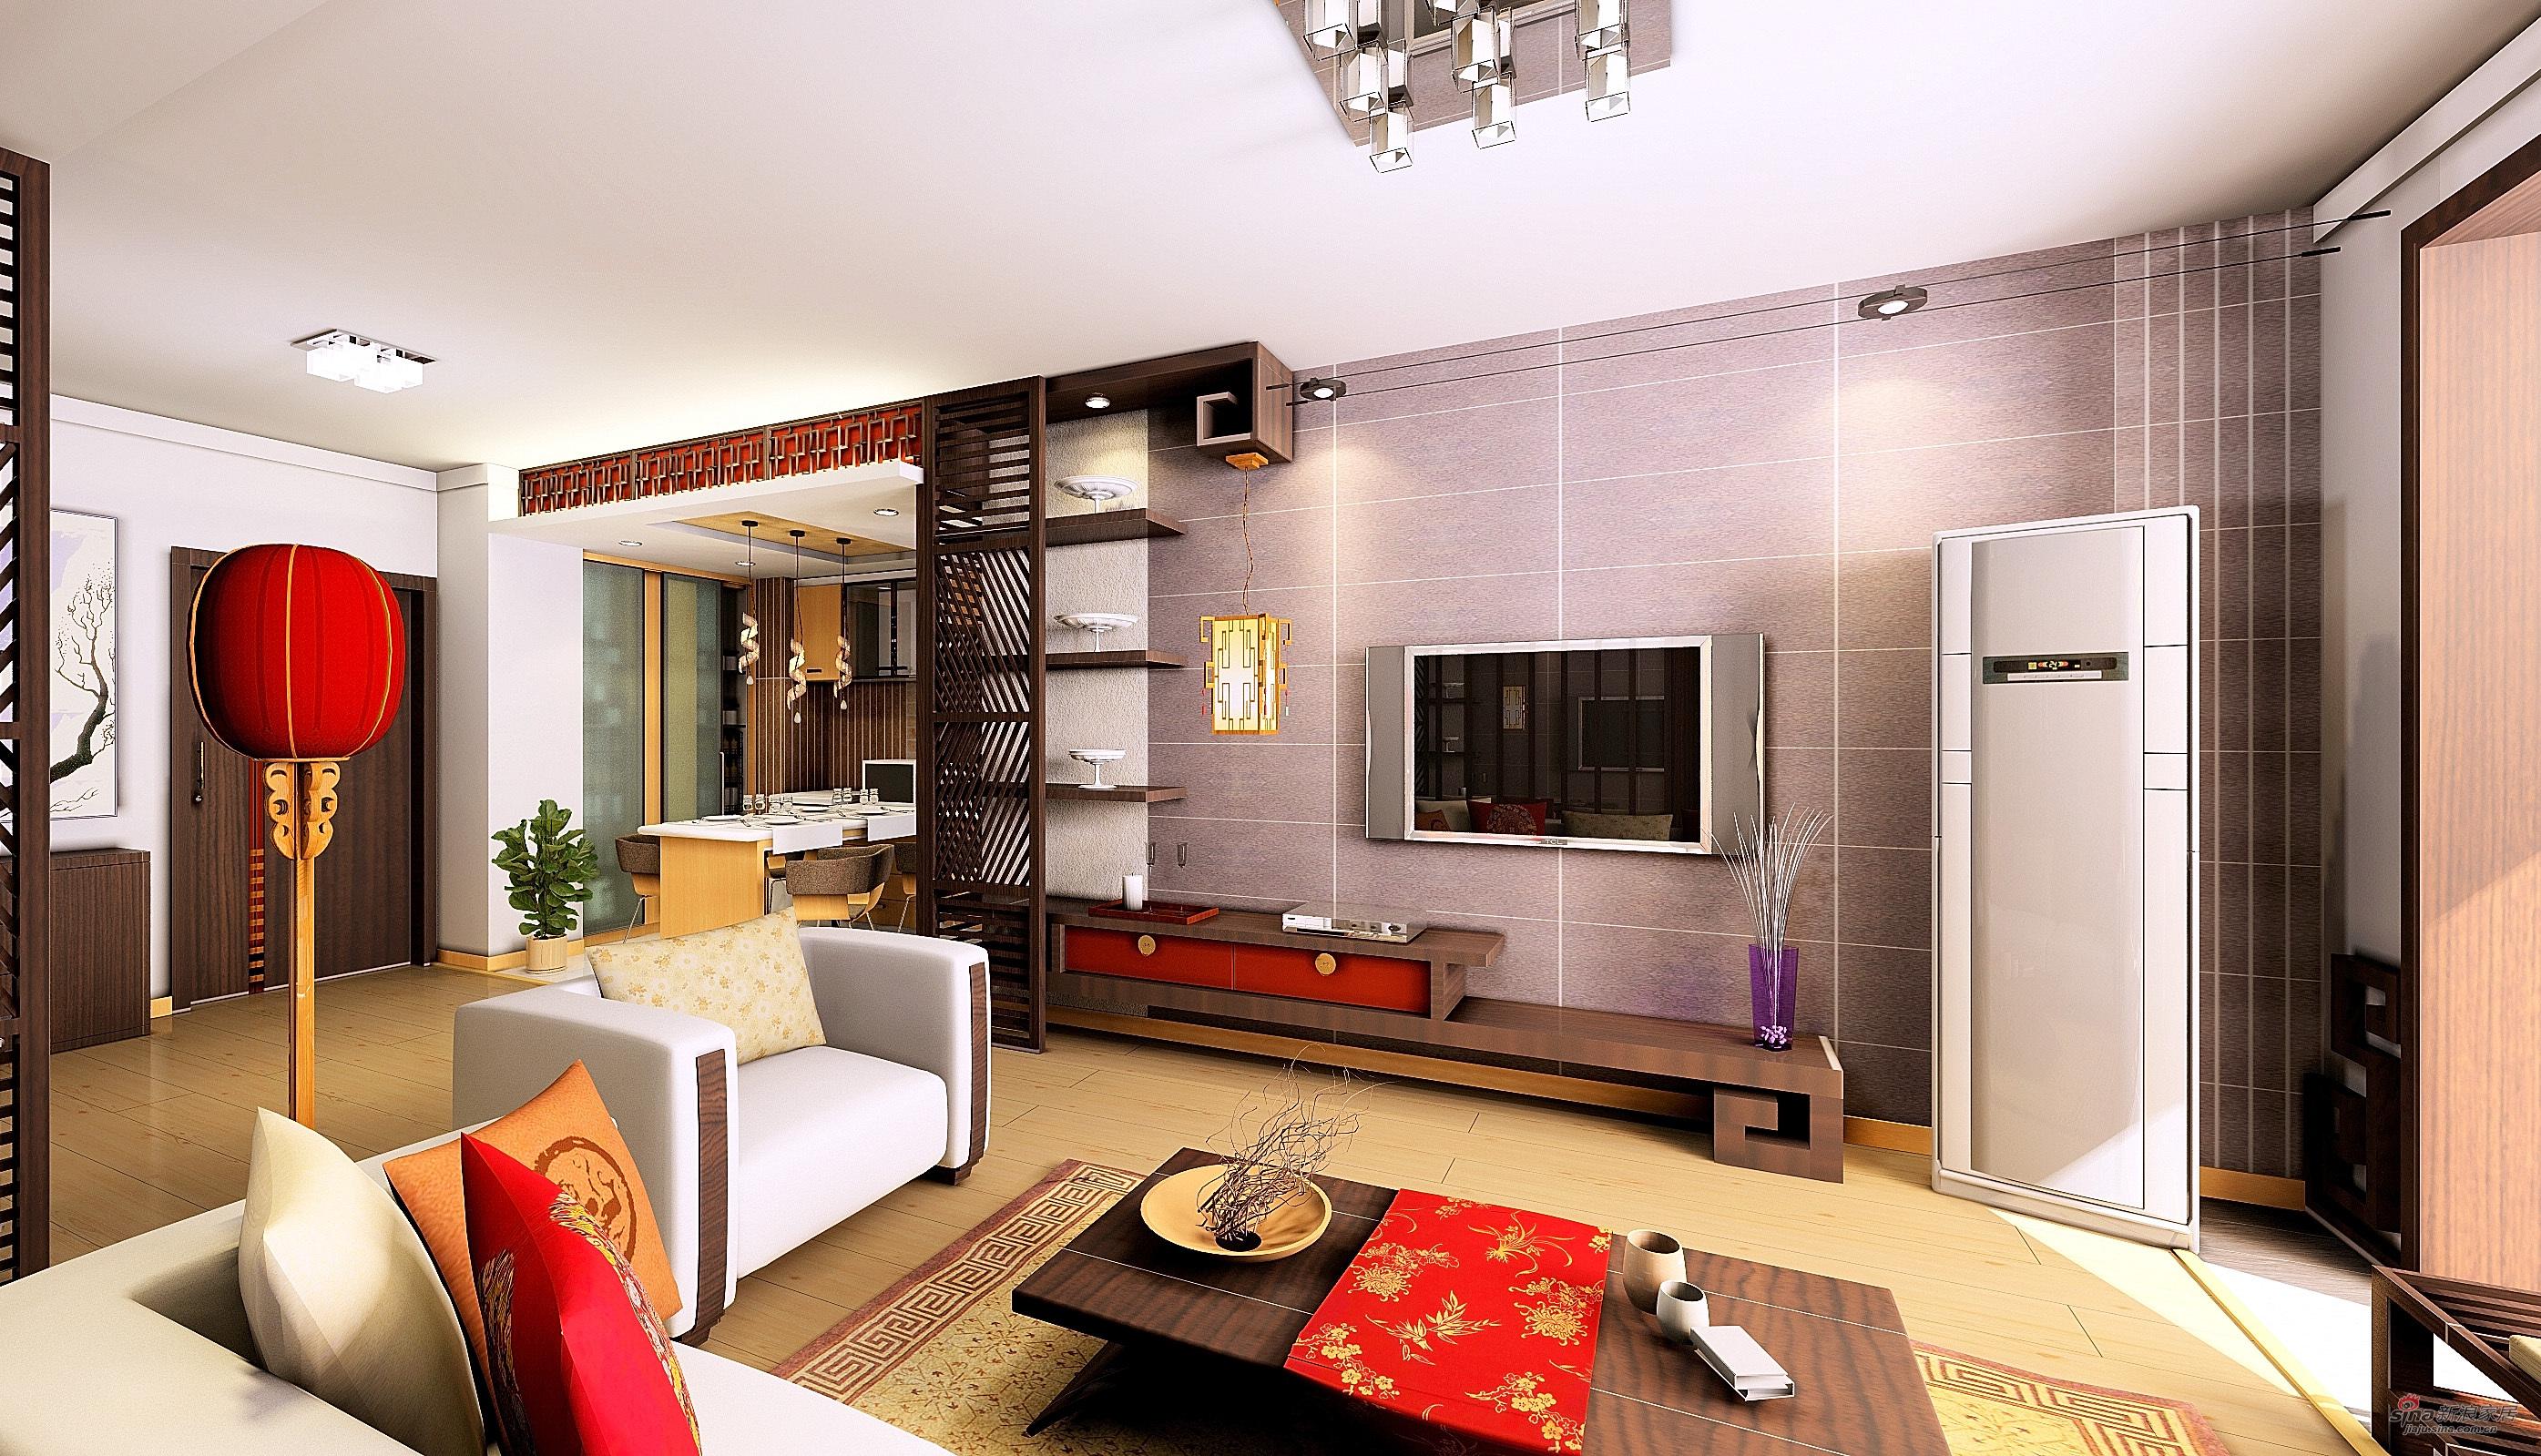 中式 三居 客厅图片来自用户1907659705在中式风格71的分享